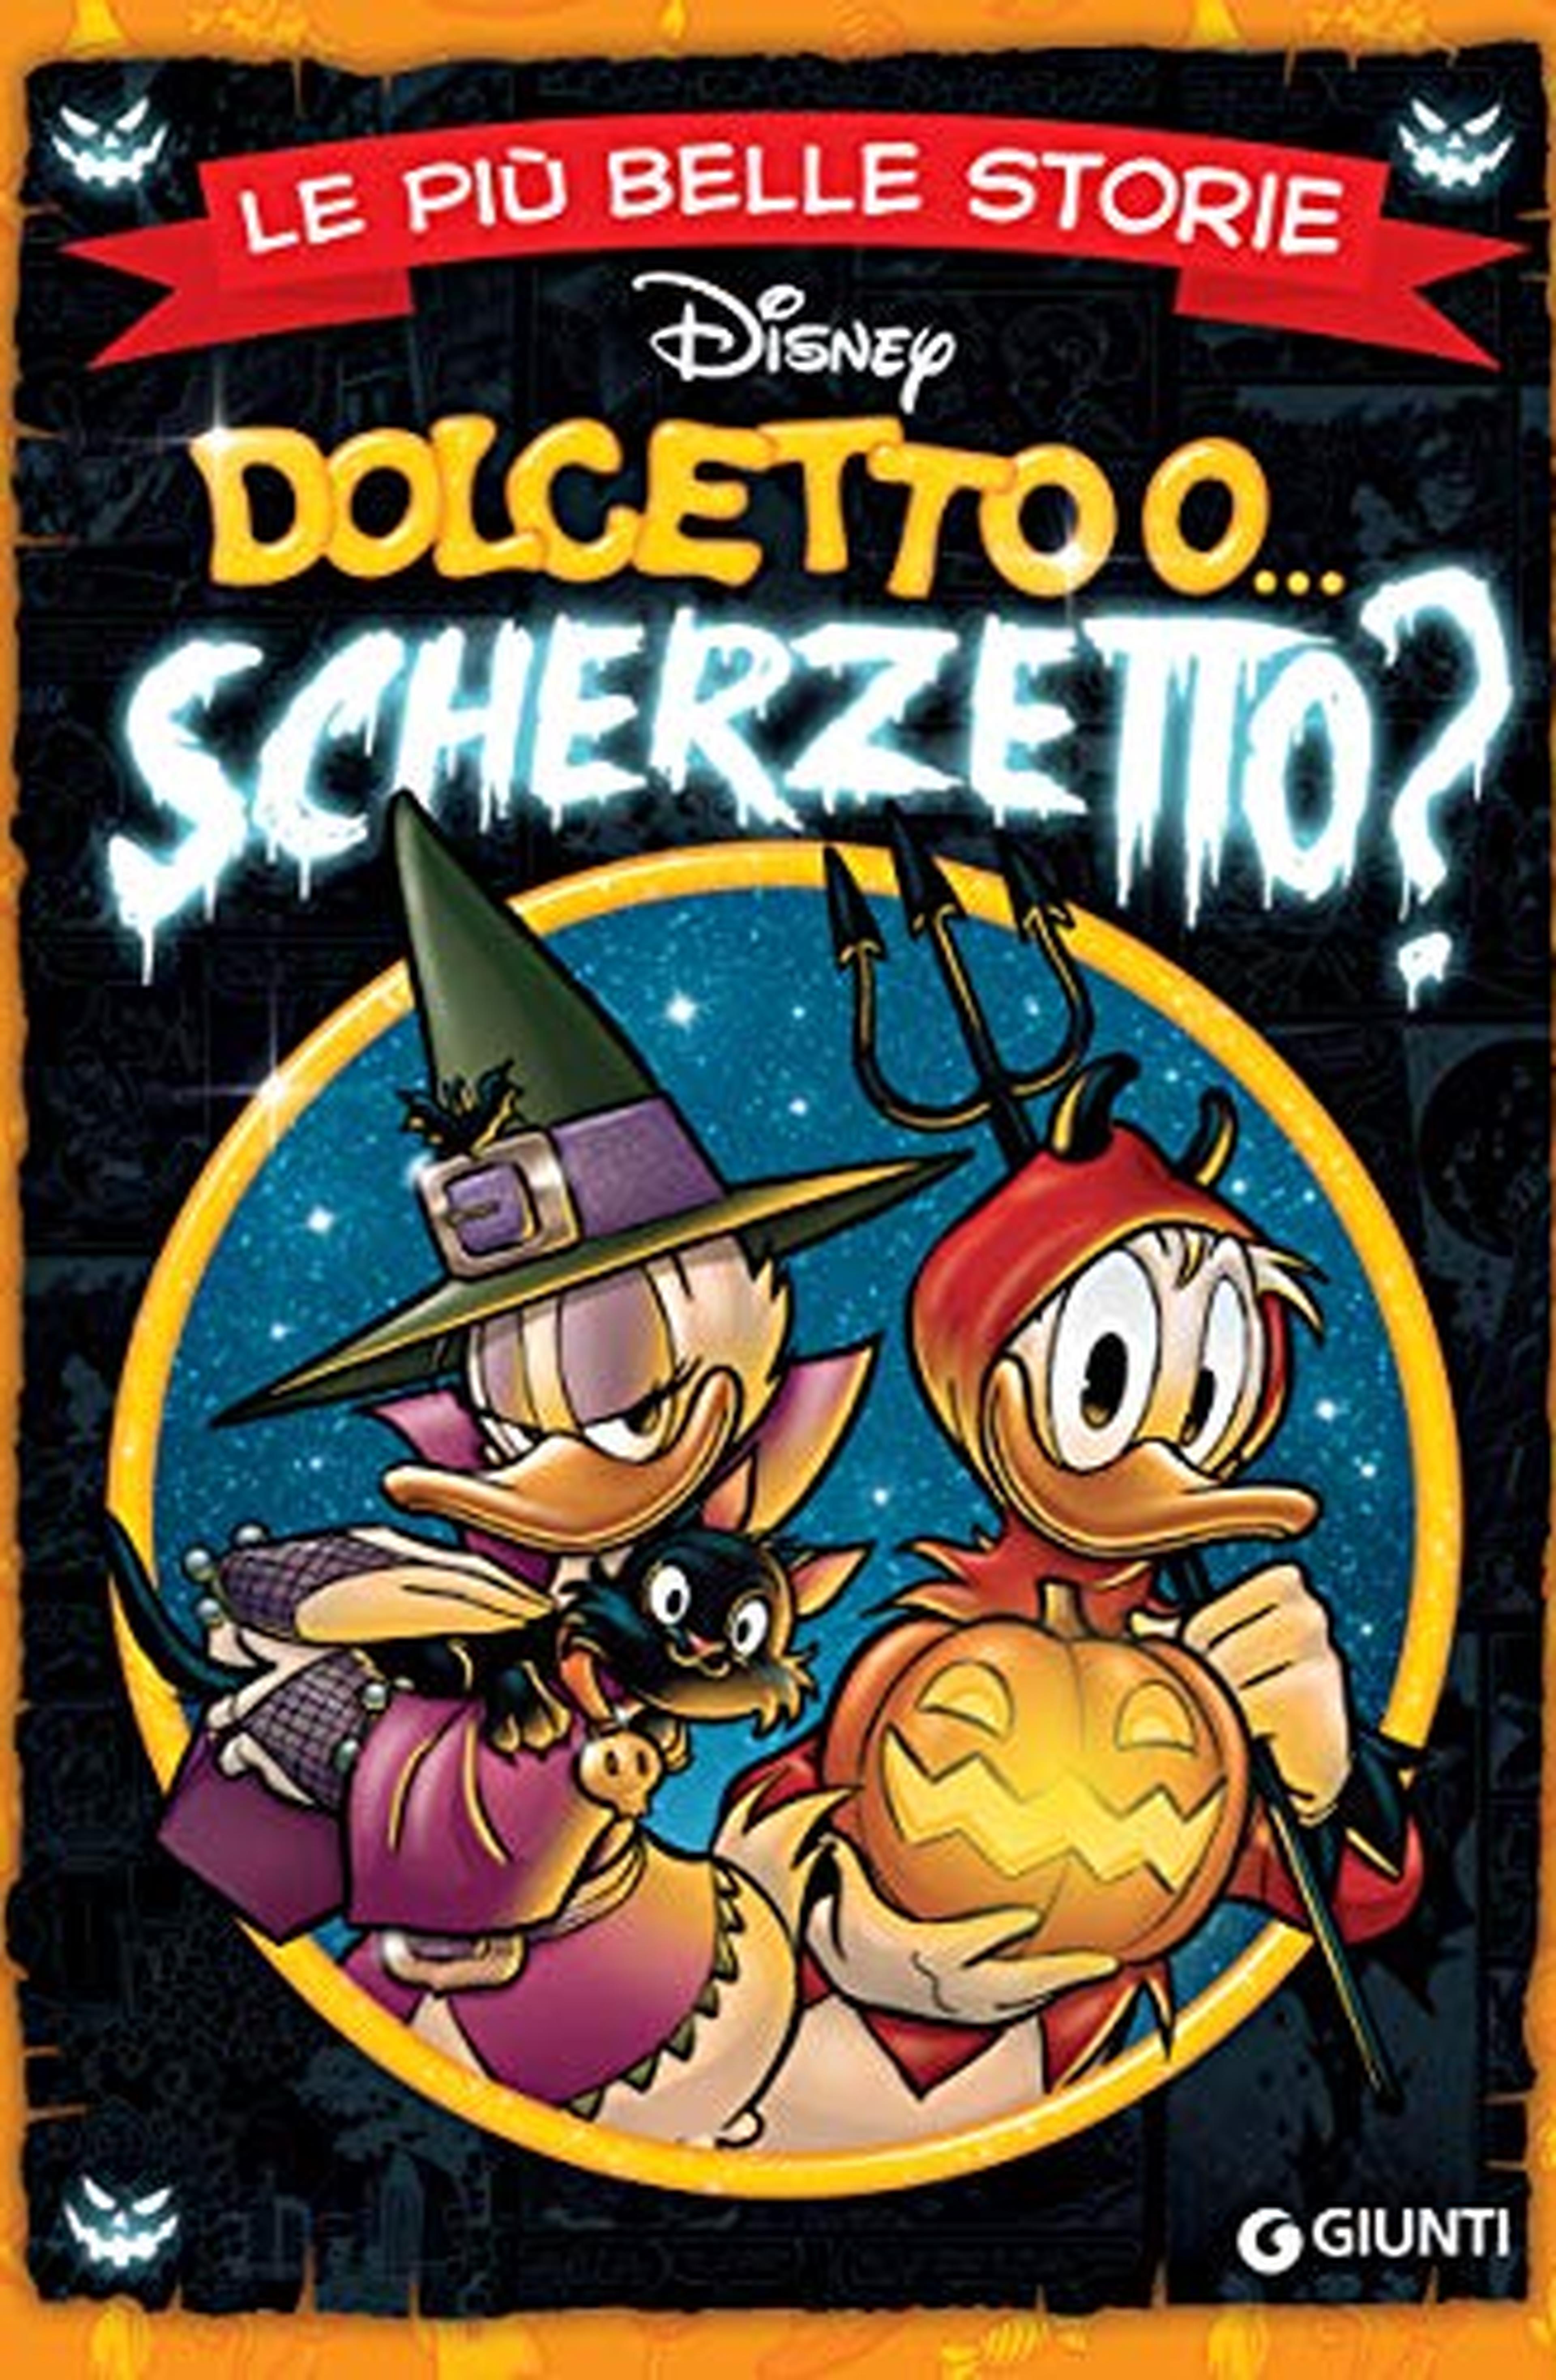 Le più belle storie Dolcetto o Scherzetto (Storie a fumetti Vol. 51)